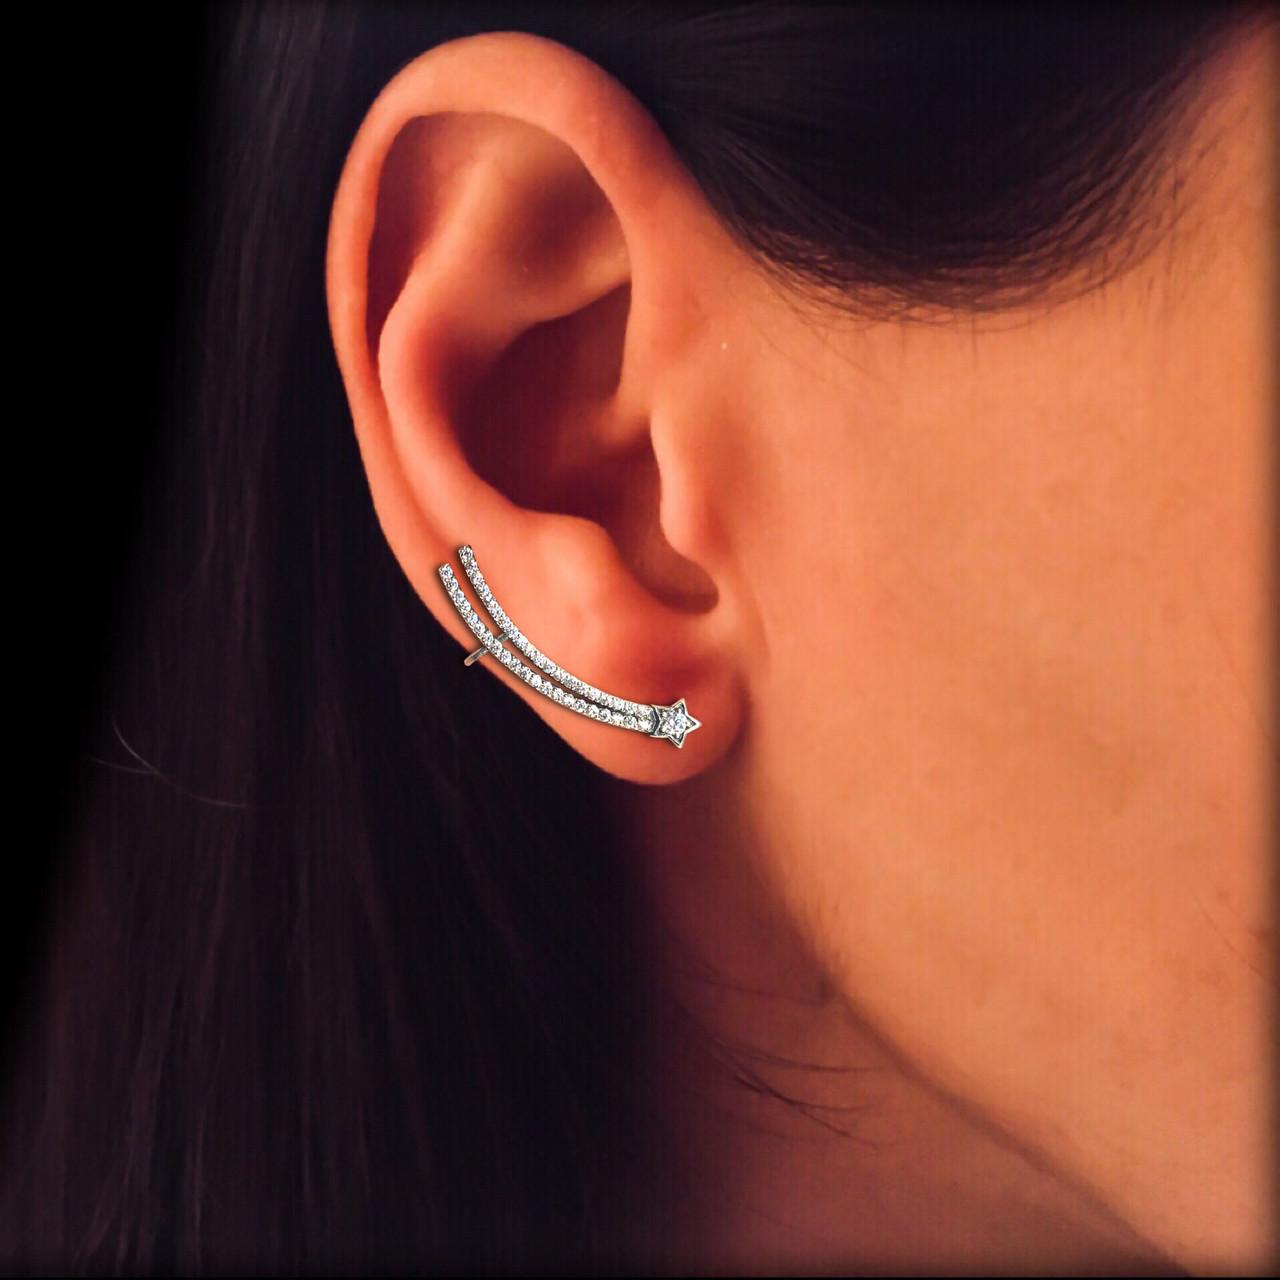 Серебряная серьга клаймбер на одно ухо